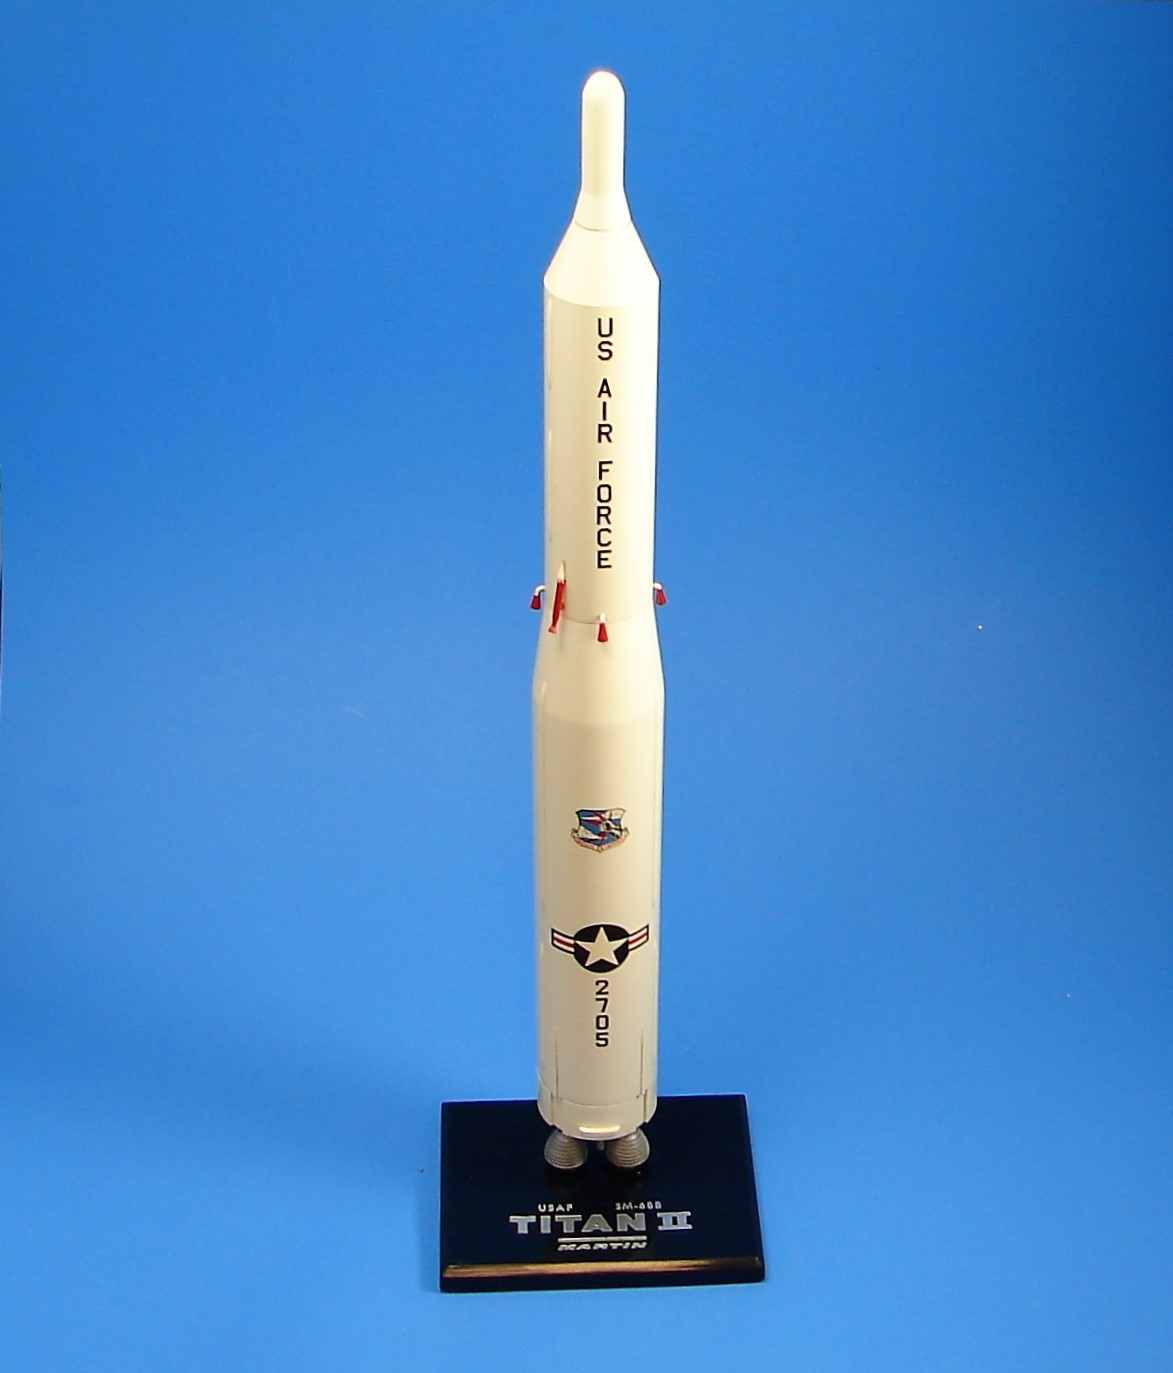 Martin SM-68 Titan II 1